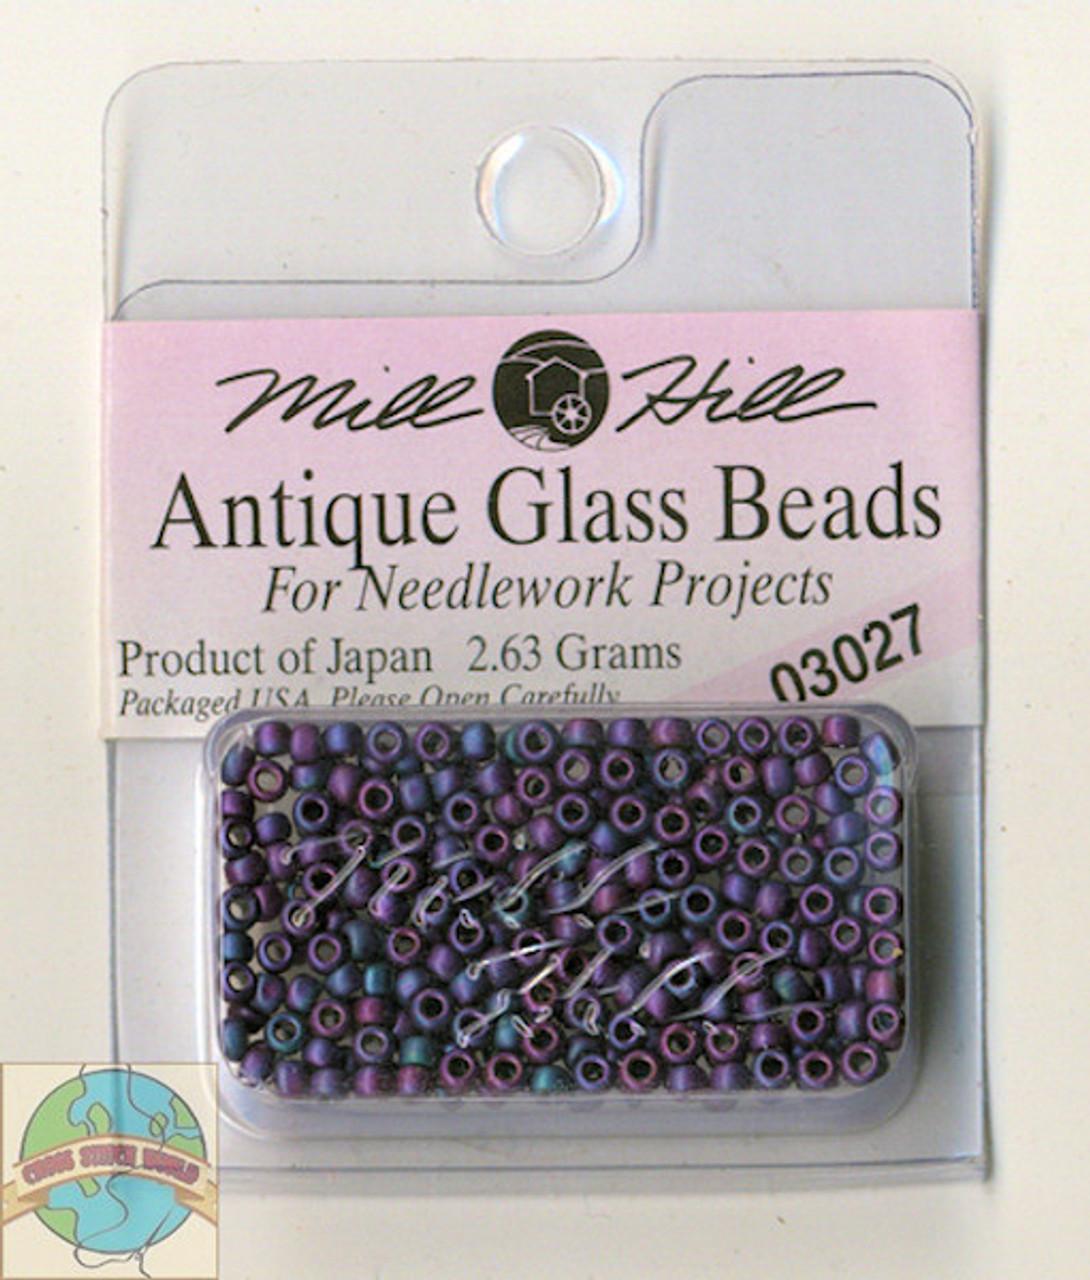 Mill Hill Antique Glass Beads 2.63g Caspian Blue